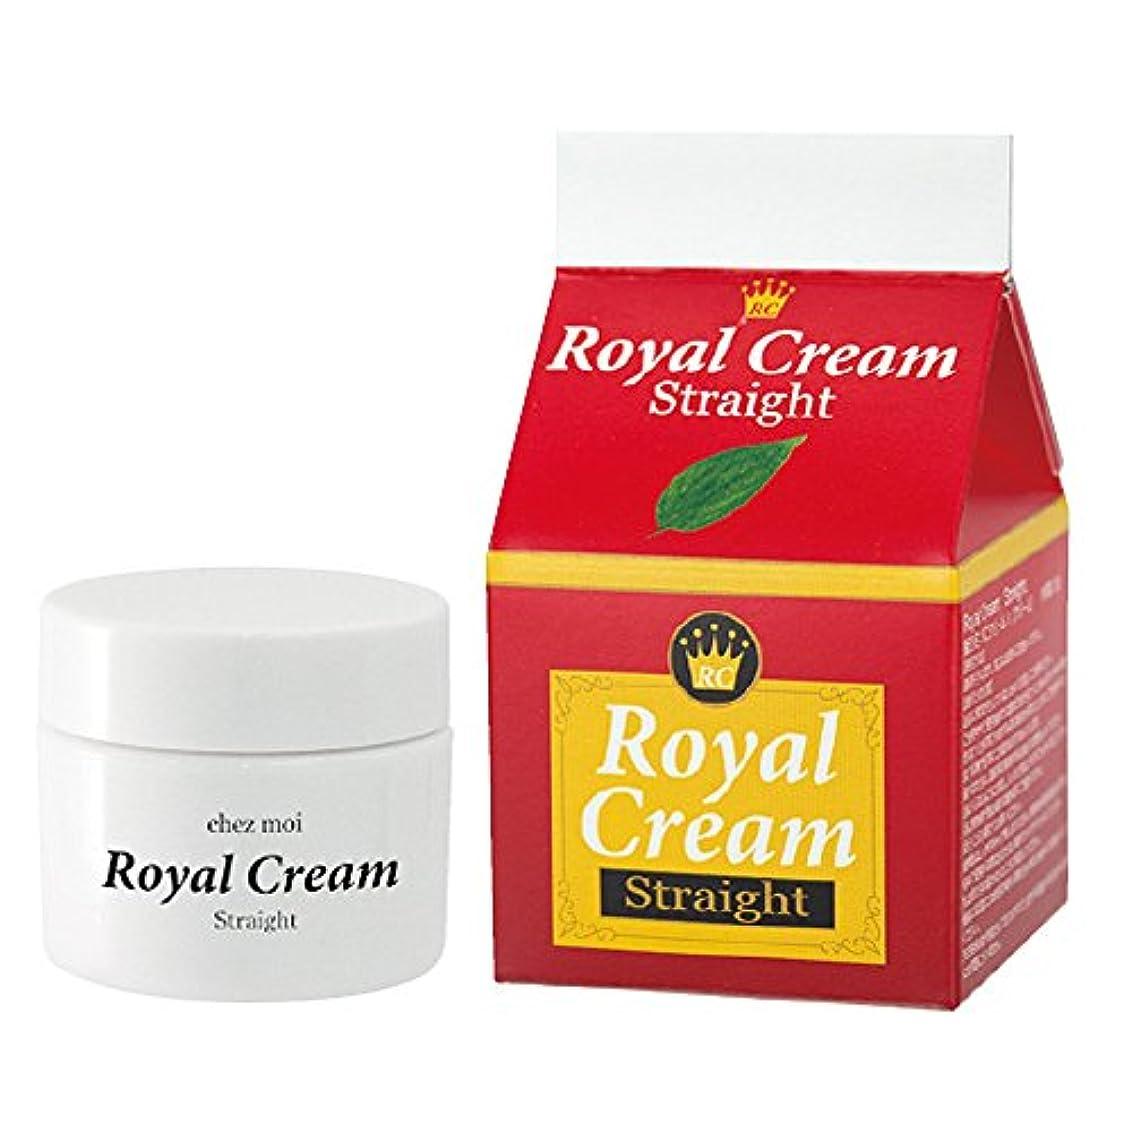 飲料保持対立シェモア Royal Cream Straight(ロイヤルクリームストレート) 30g